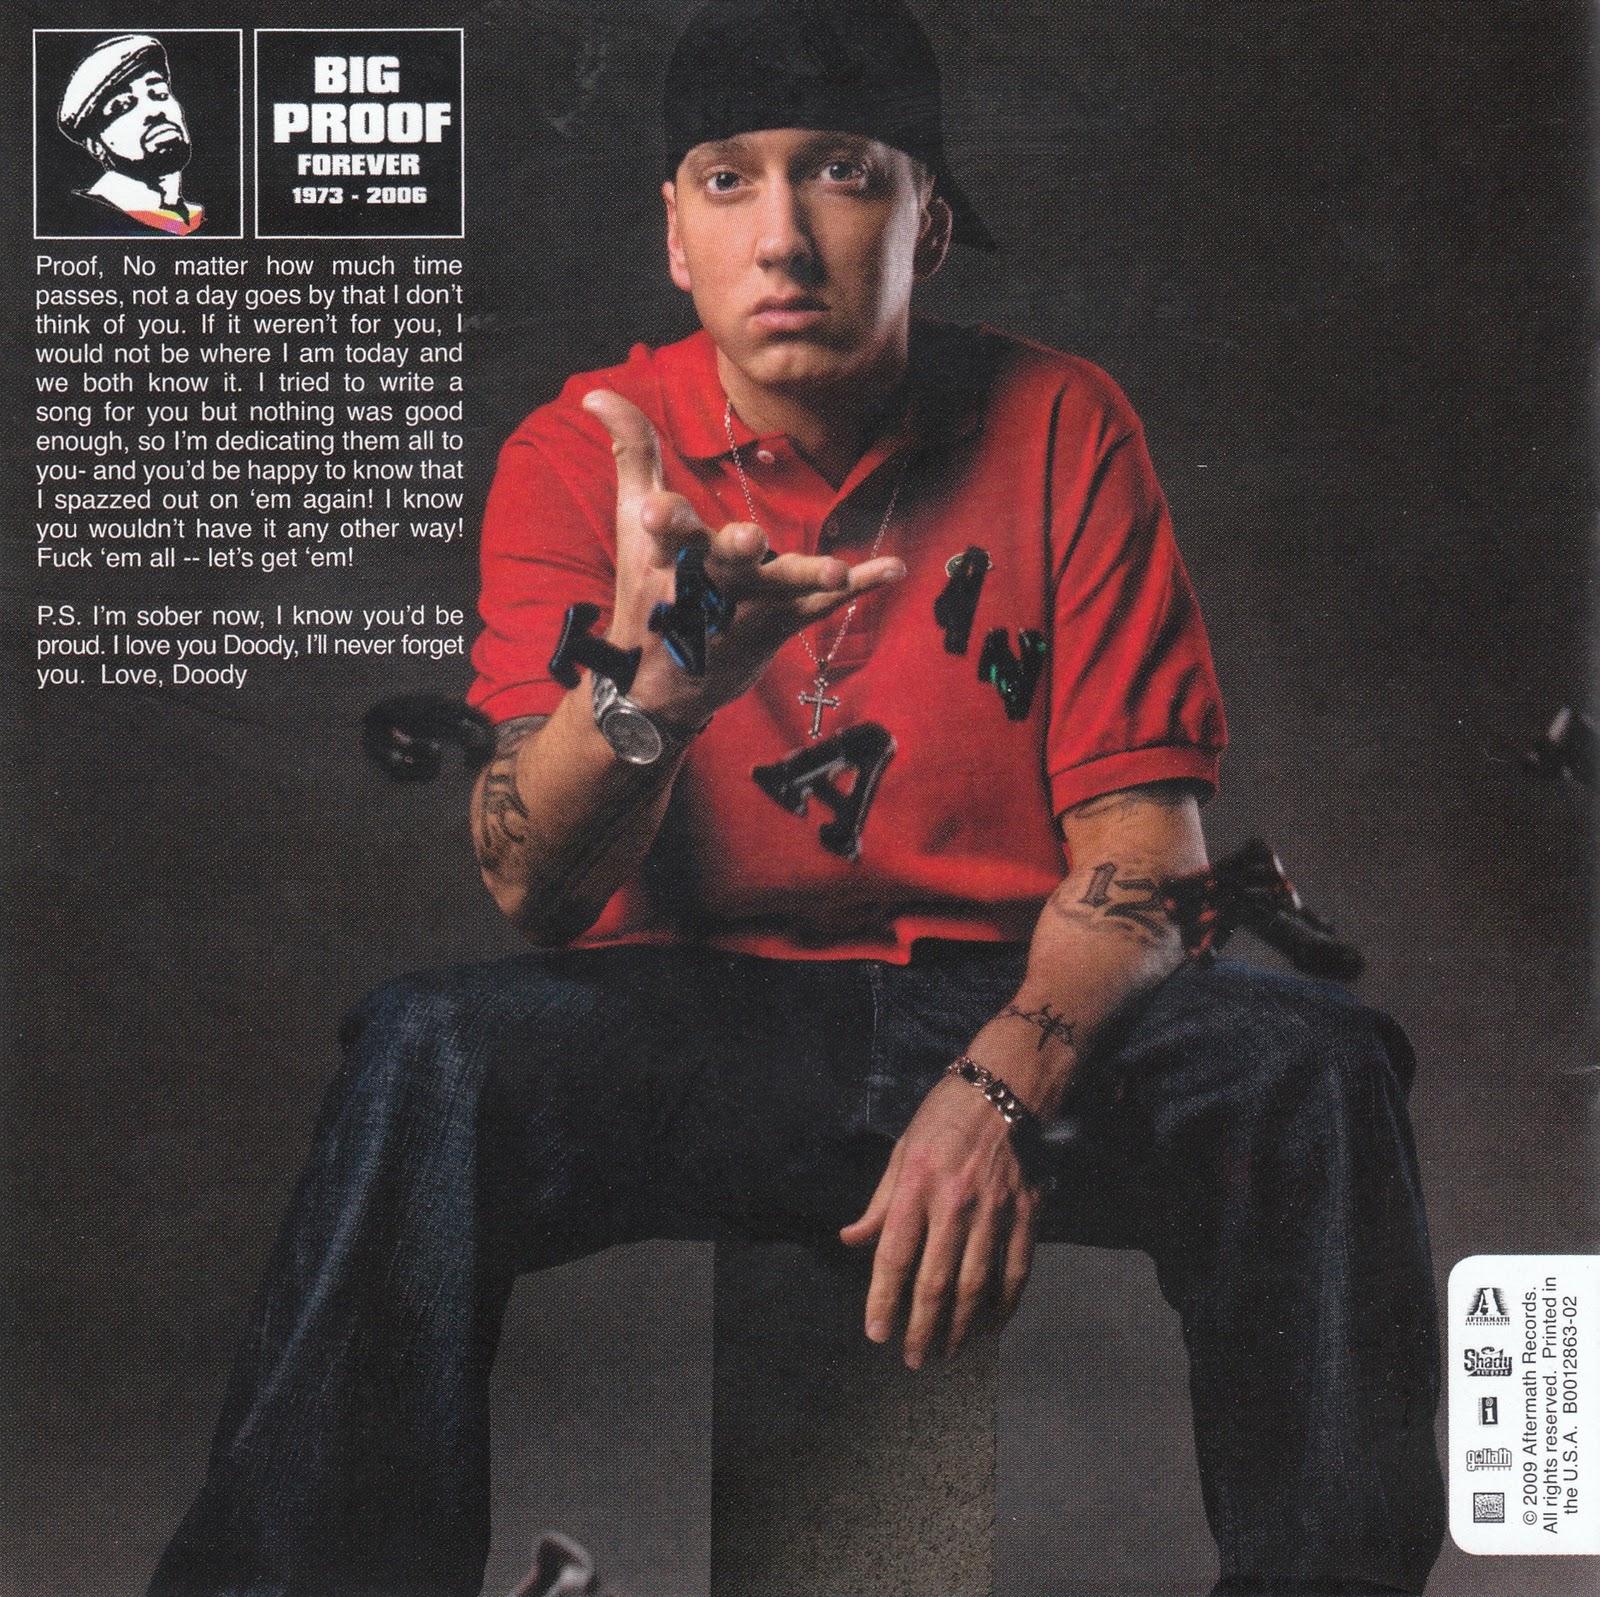 Eminem Venom 320kbps Mp3: EMINEM CINDERELLA MAN MP3